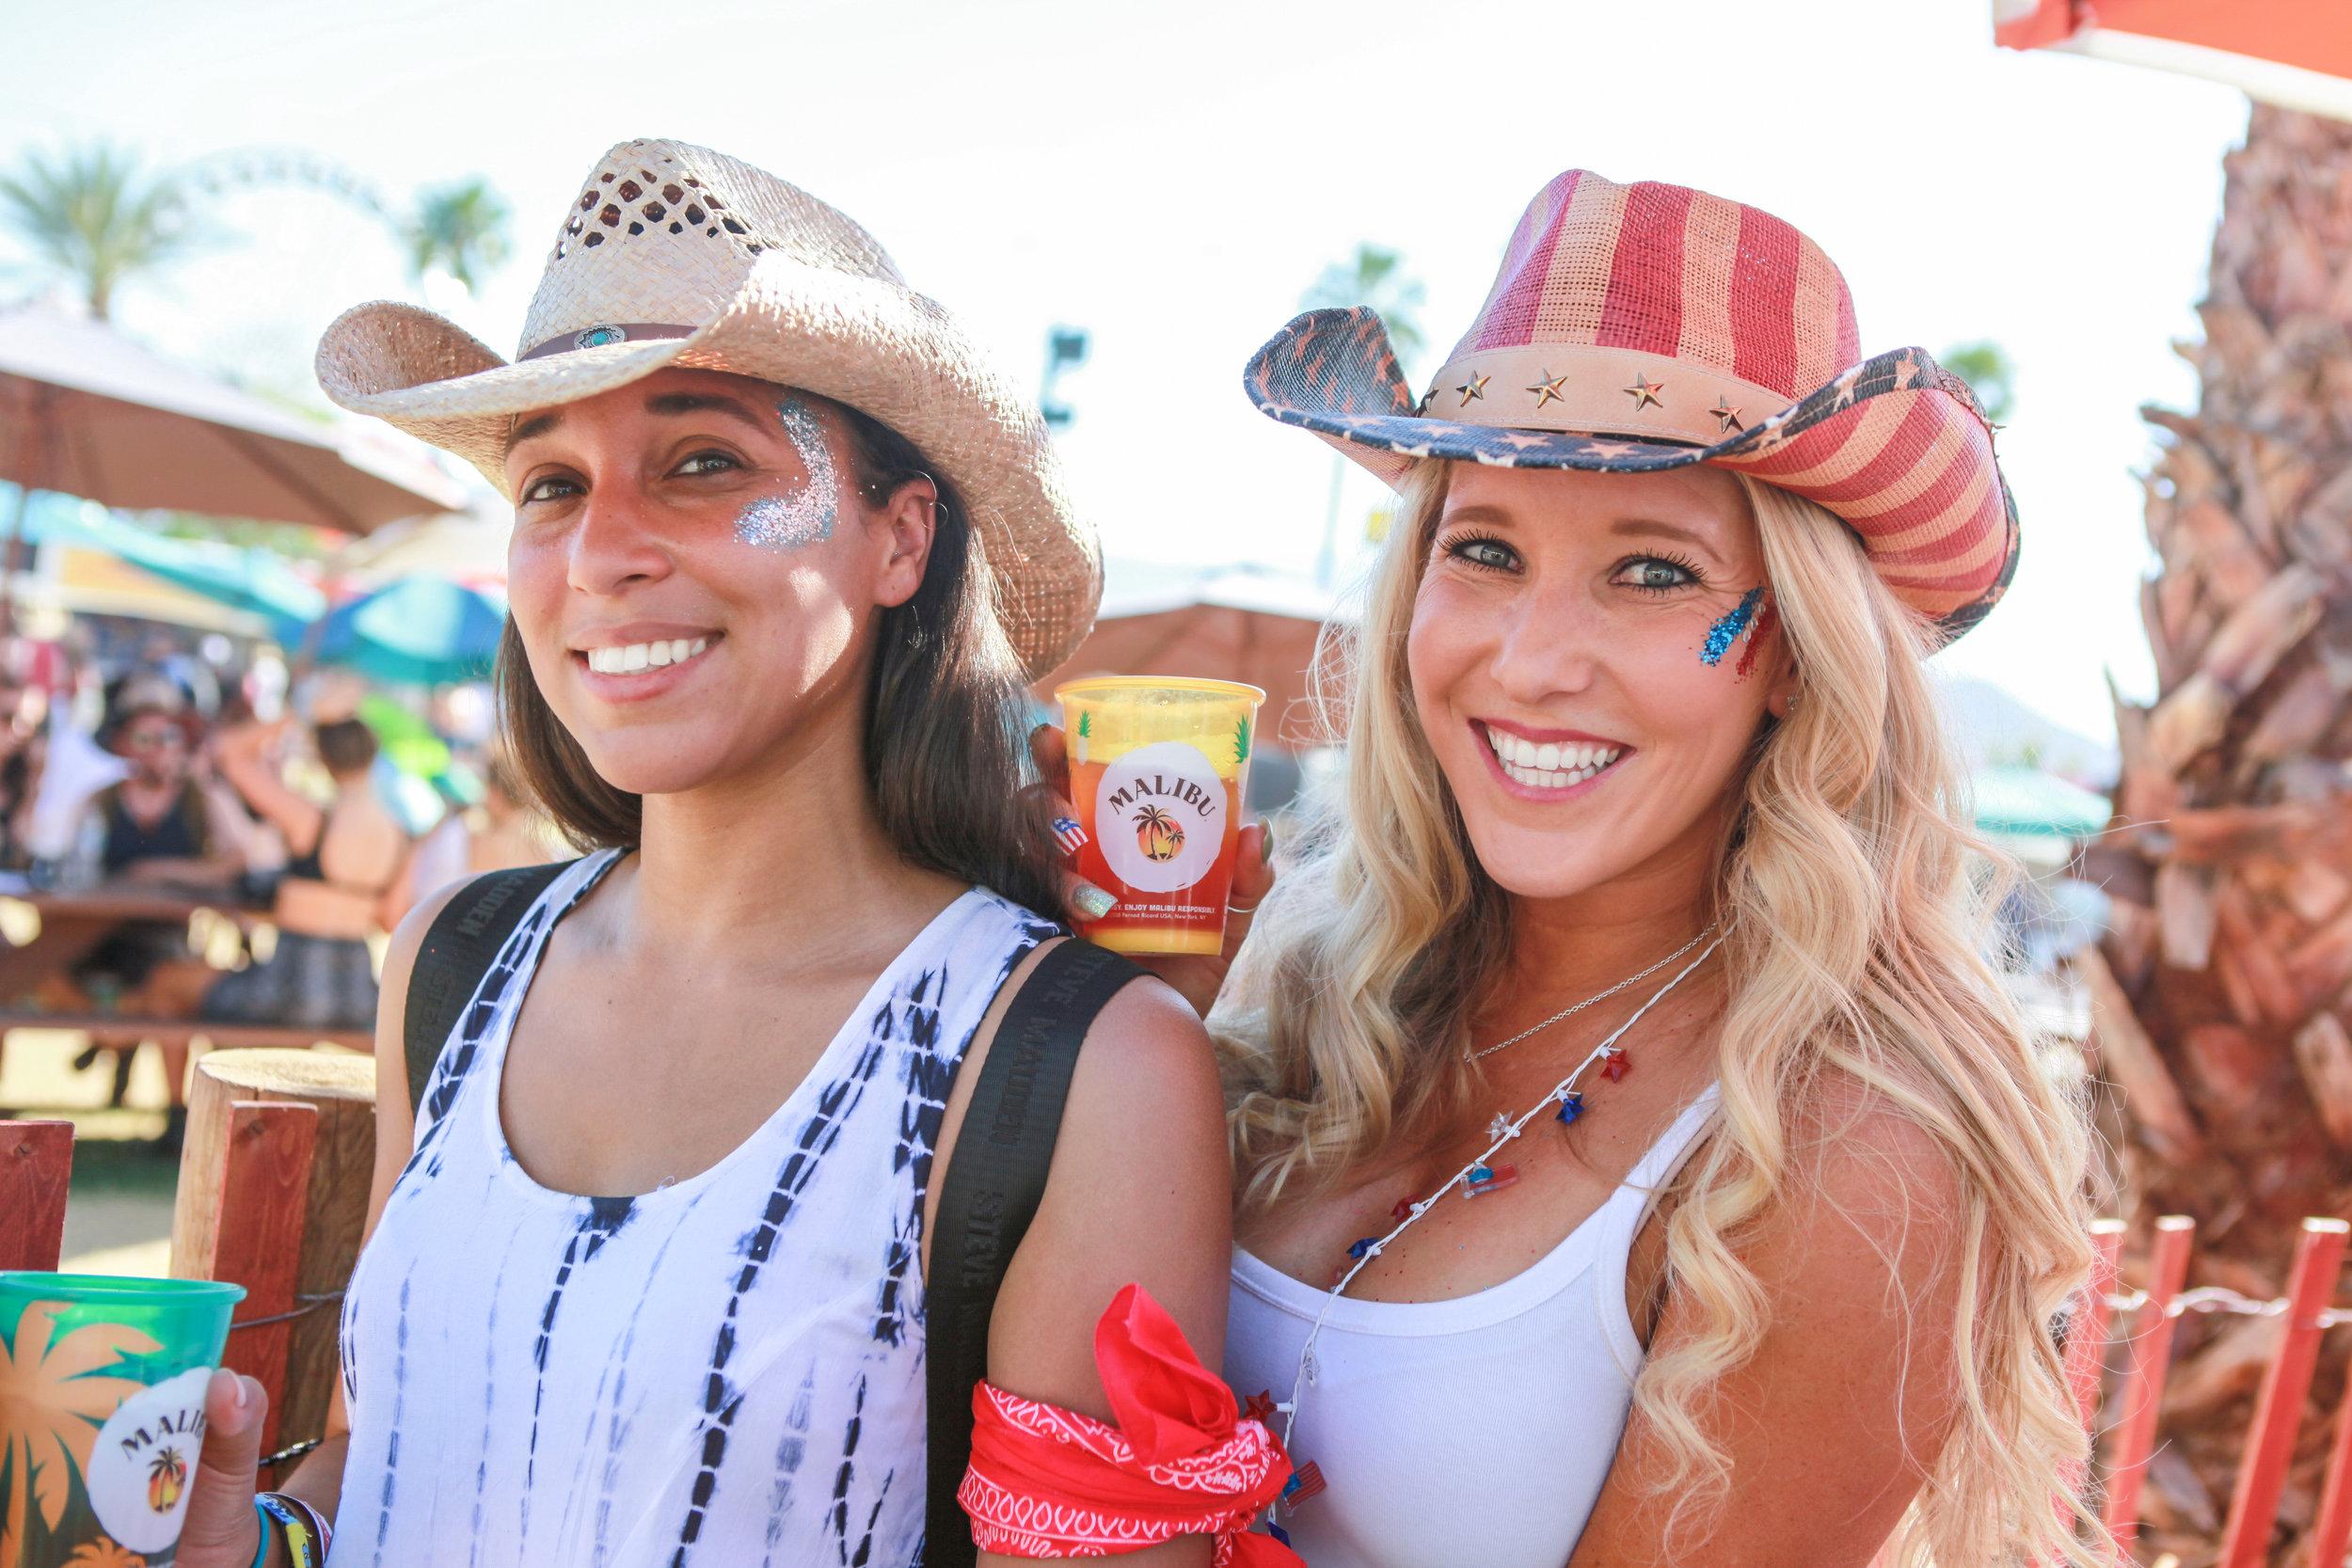 OHelloMedia-Malibu@StagecoachFestival04.26-TopSelect-8788.jpg